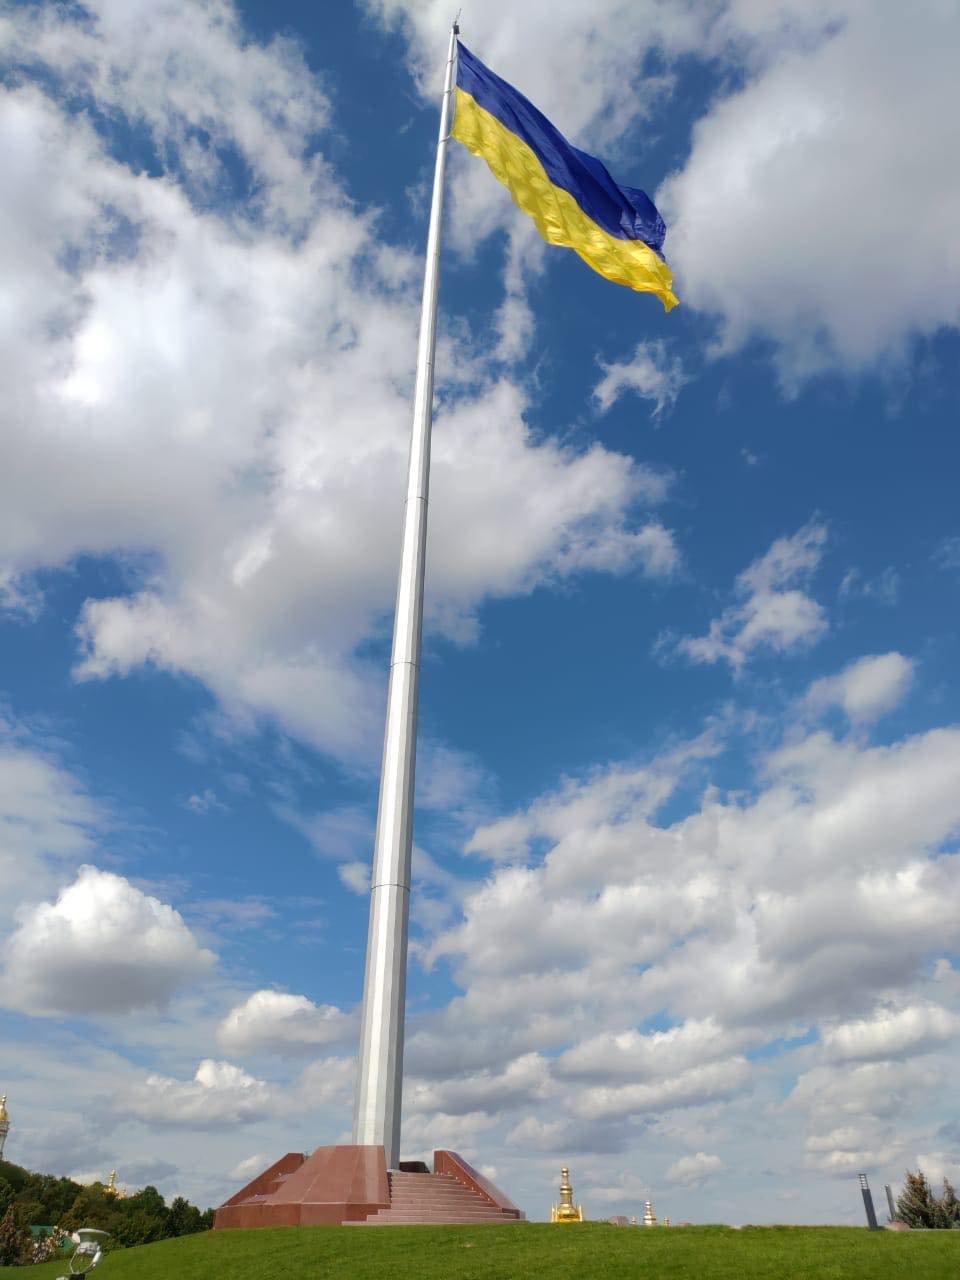 С нового флагштока в центре Киева сняли огромный флаг: что произошло, ФОТО, фото-1, Фото Виталия Кличко